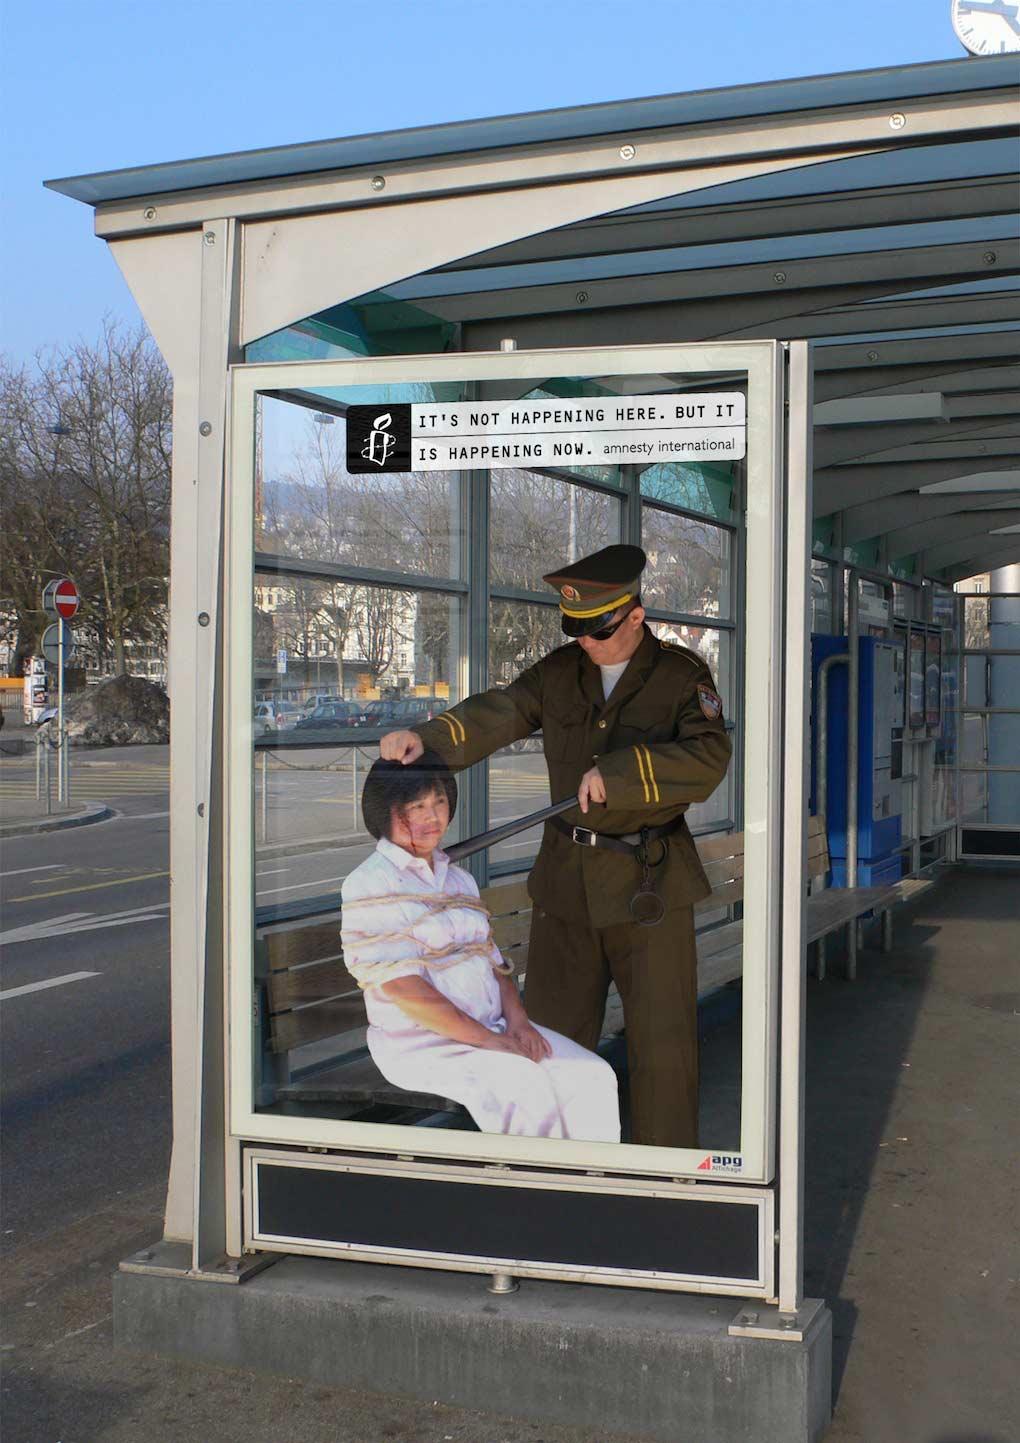 Campaña Amnistía Internacional - No está sucediendo aquí (China)